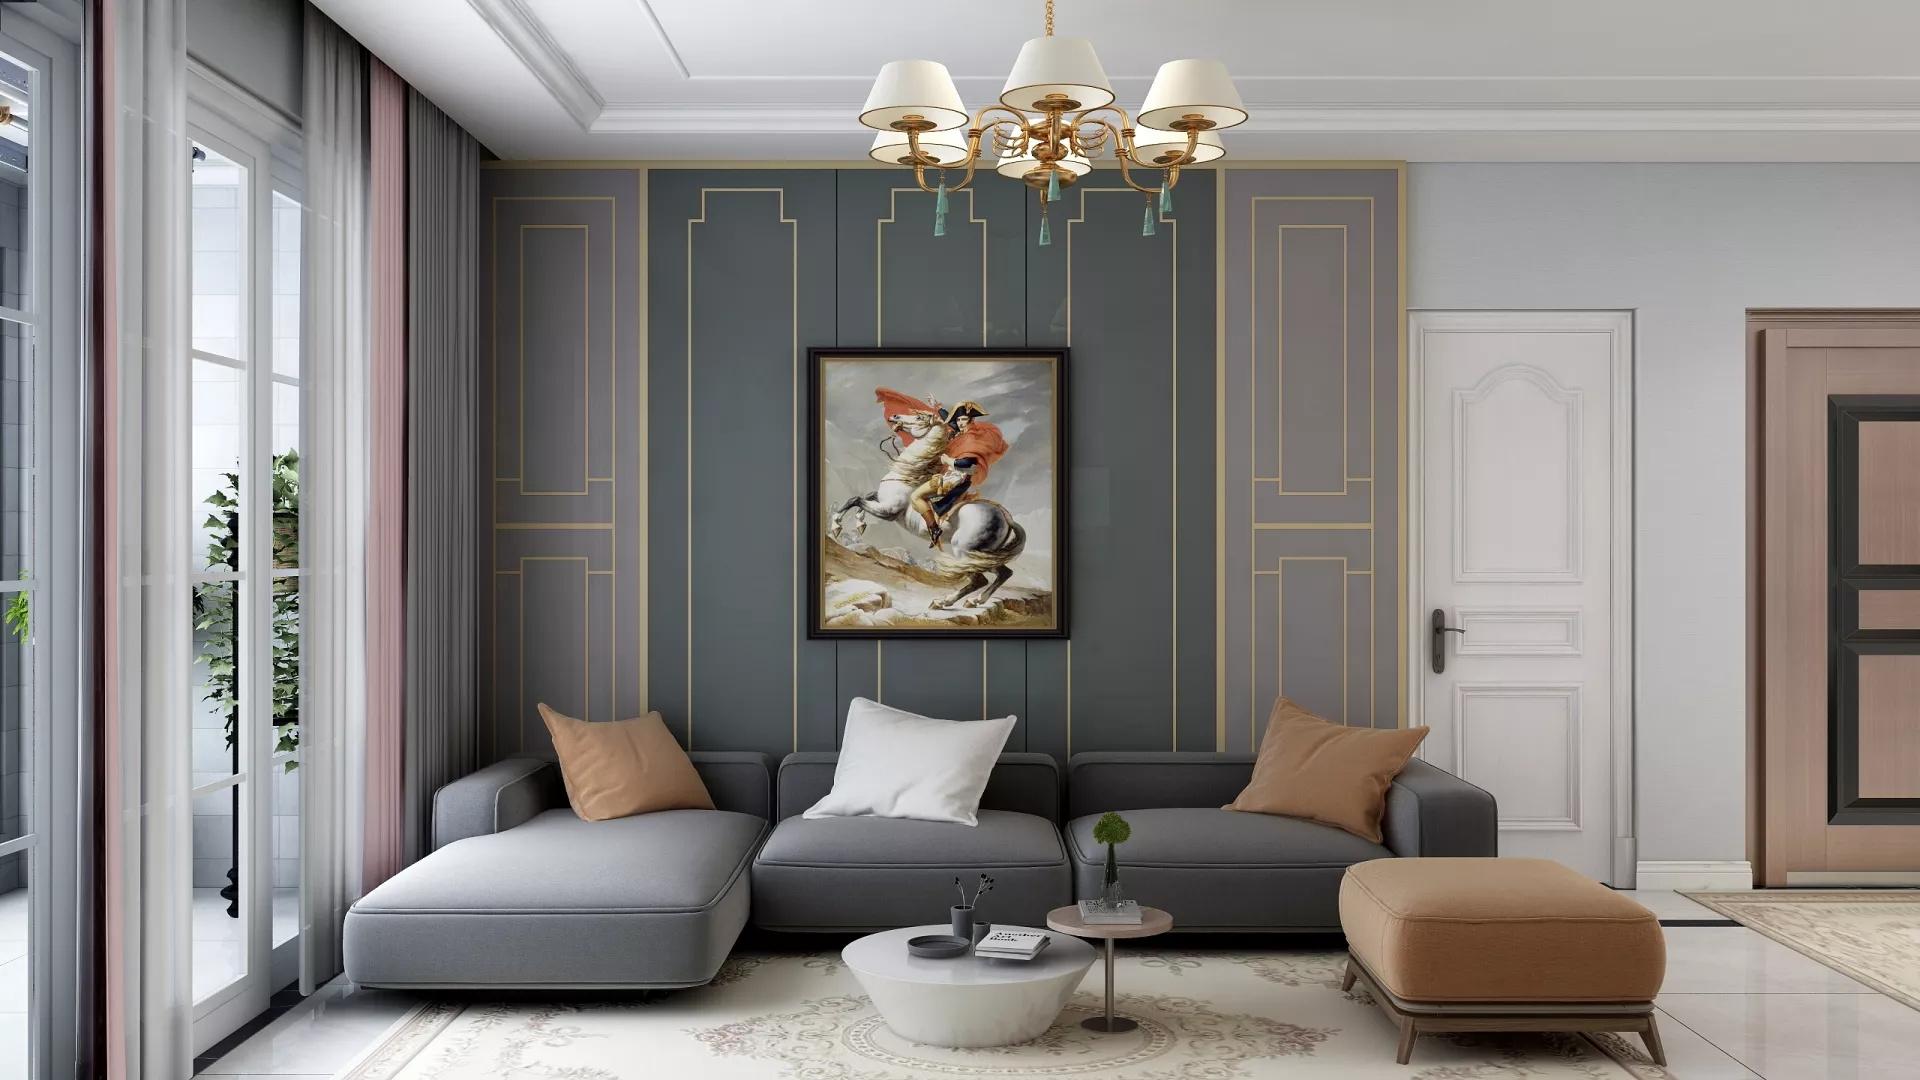 室内装修最省钱的方法 房屋装修最省钱的技巧